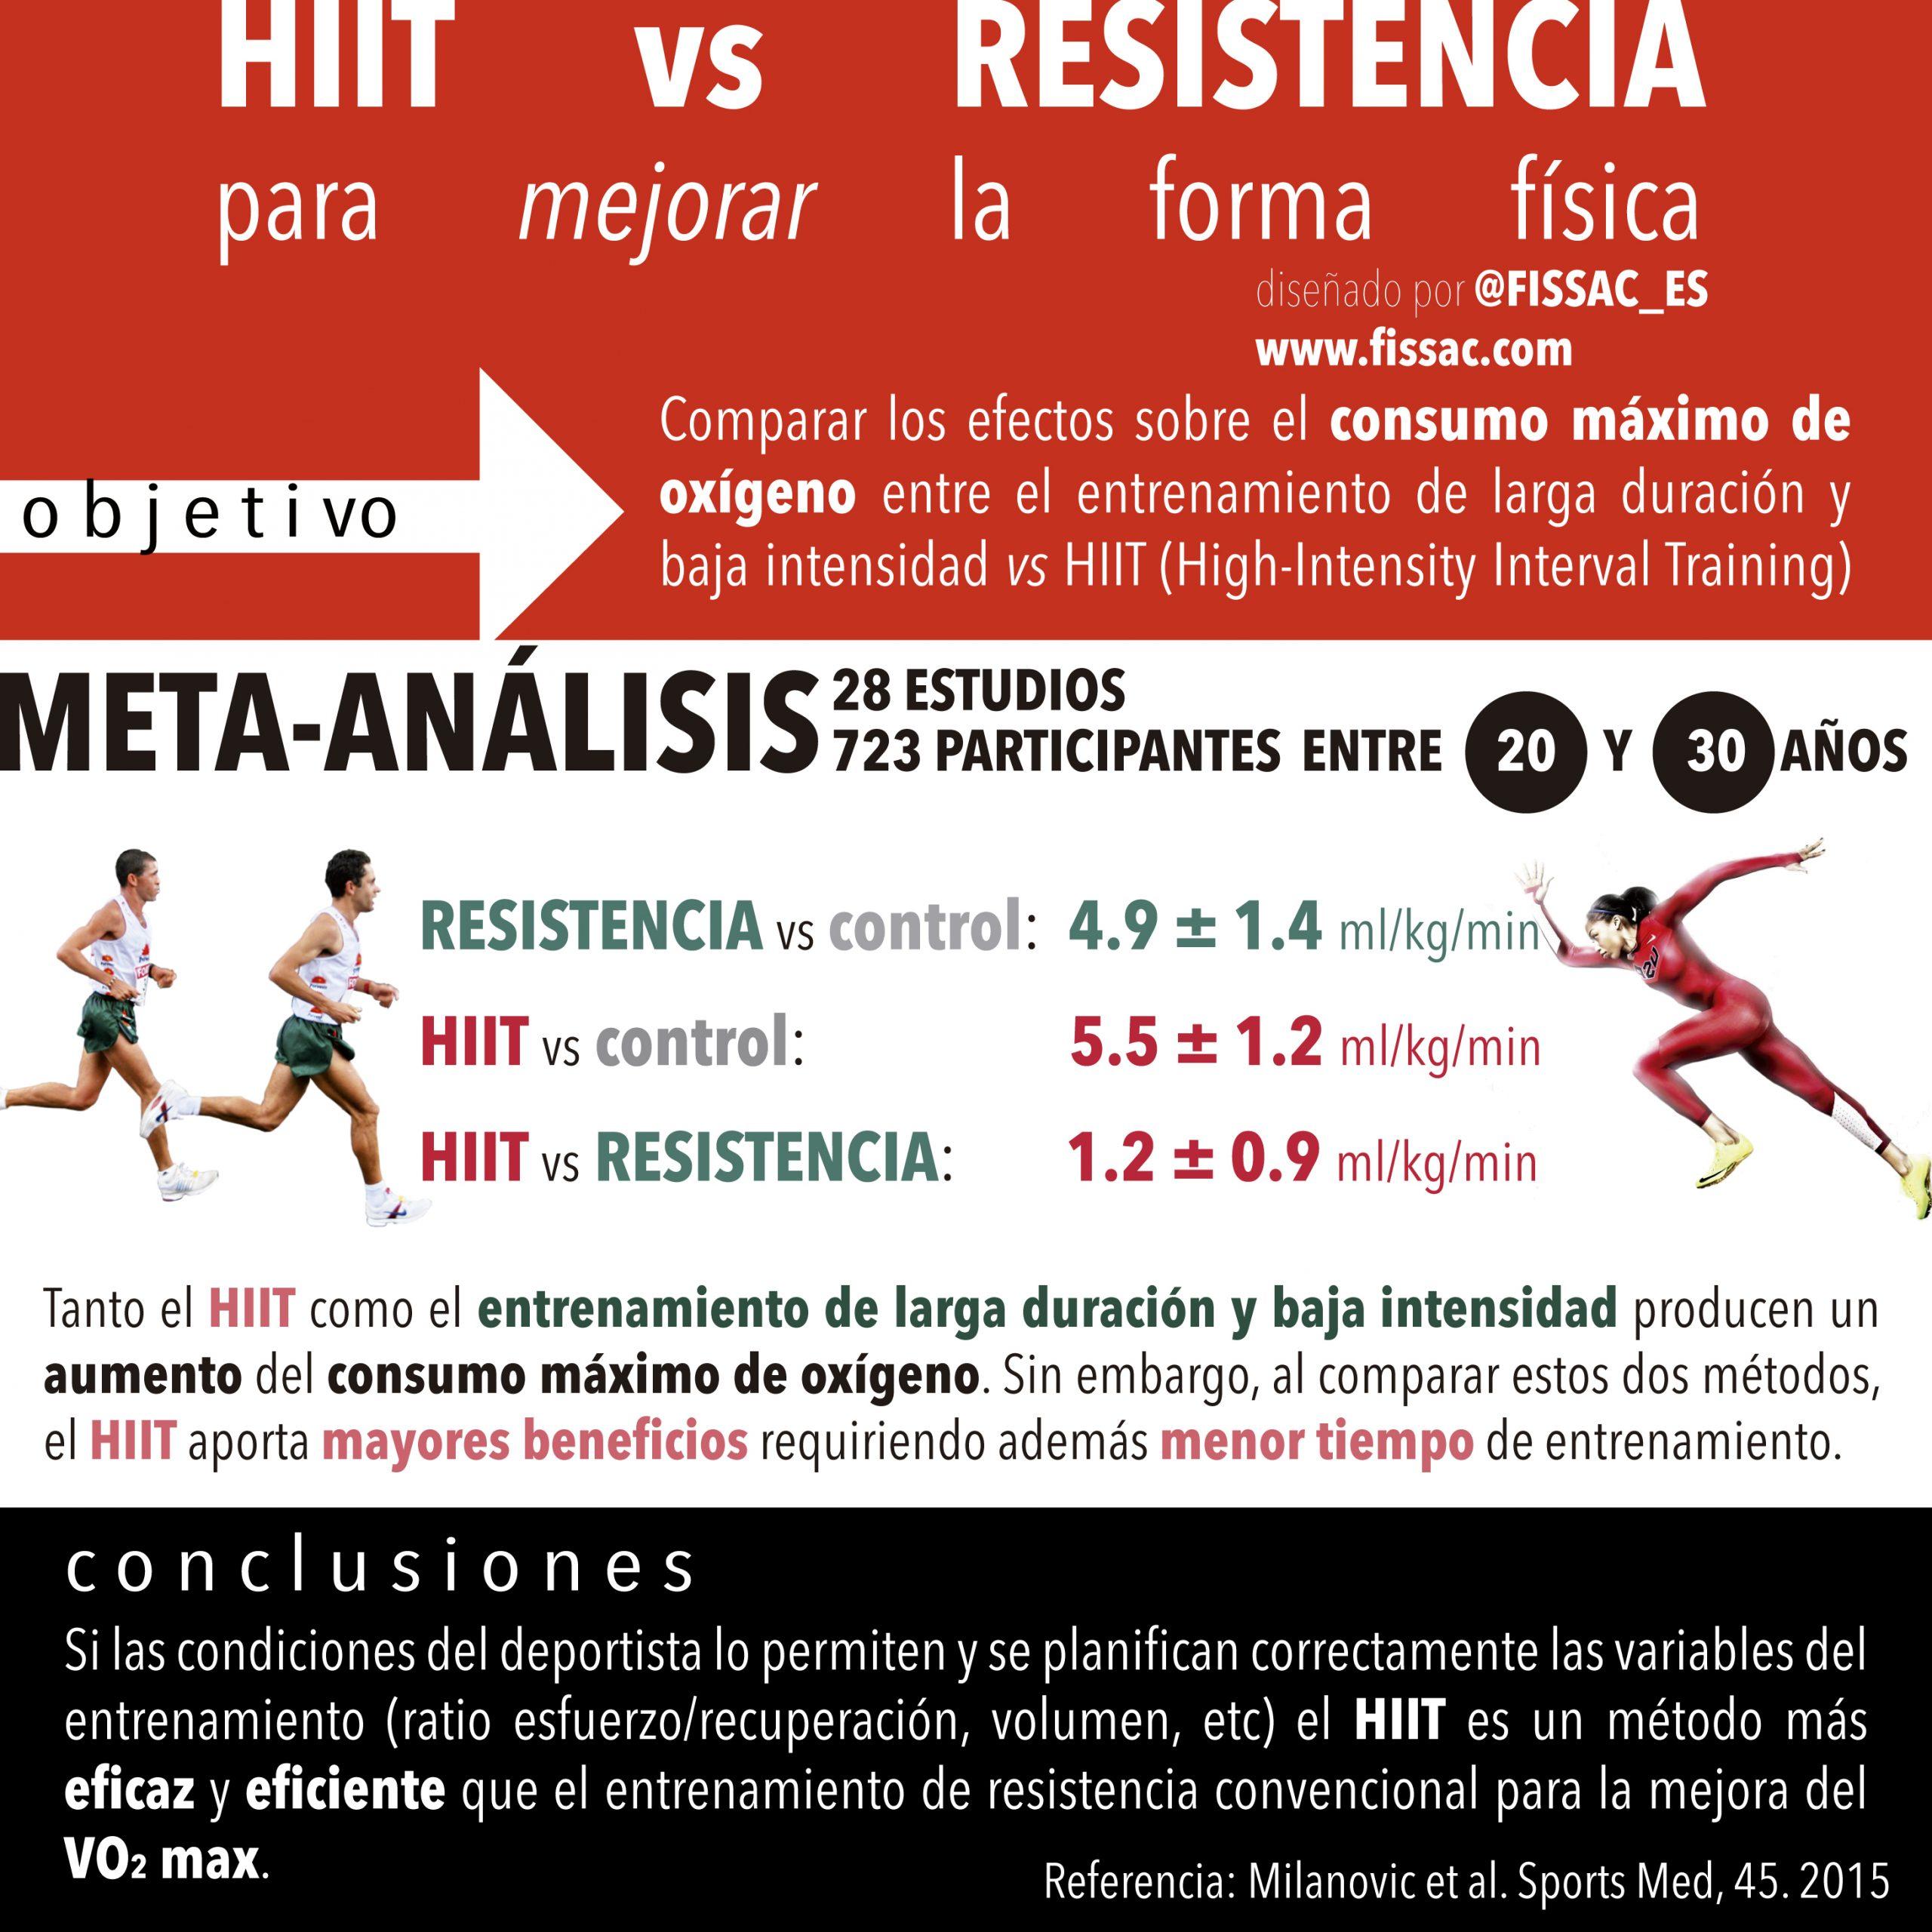 HIIT vs resistencia_1